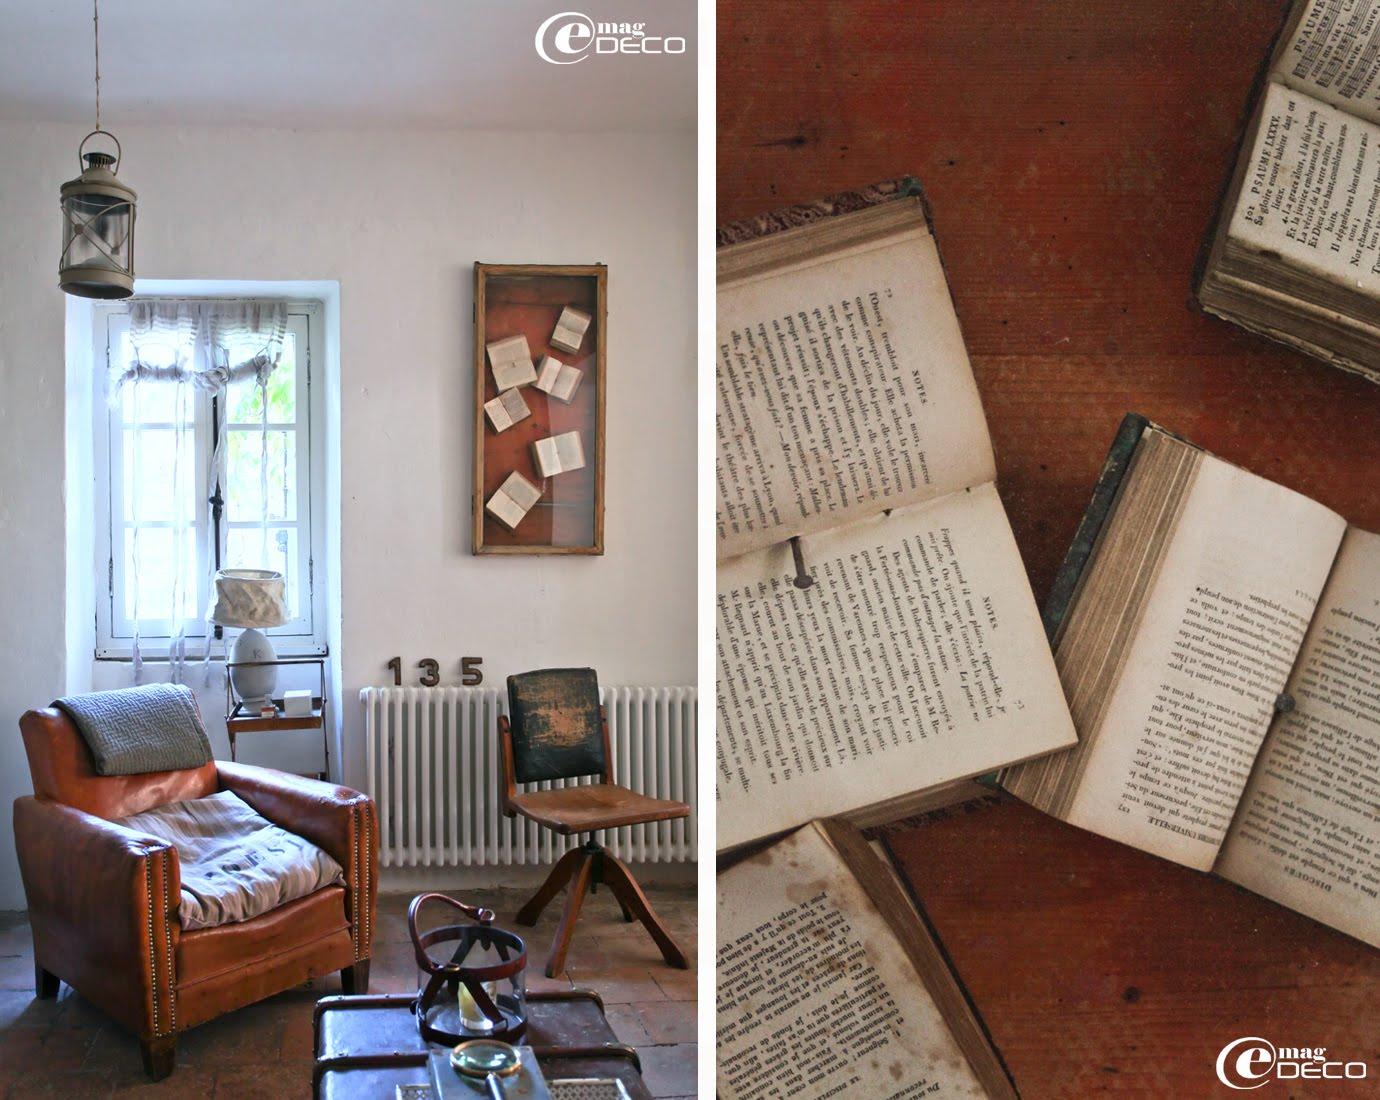 Ancienne vitrine de magasin détournée en tableau présentant une collection de bibles anciennes